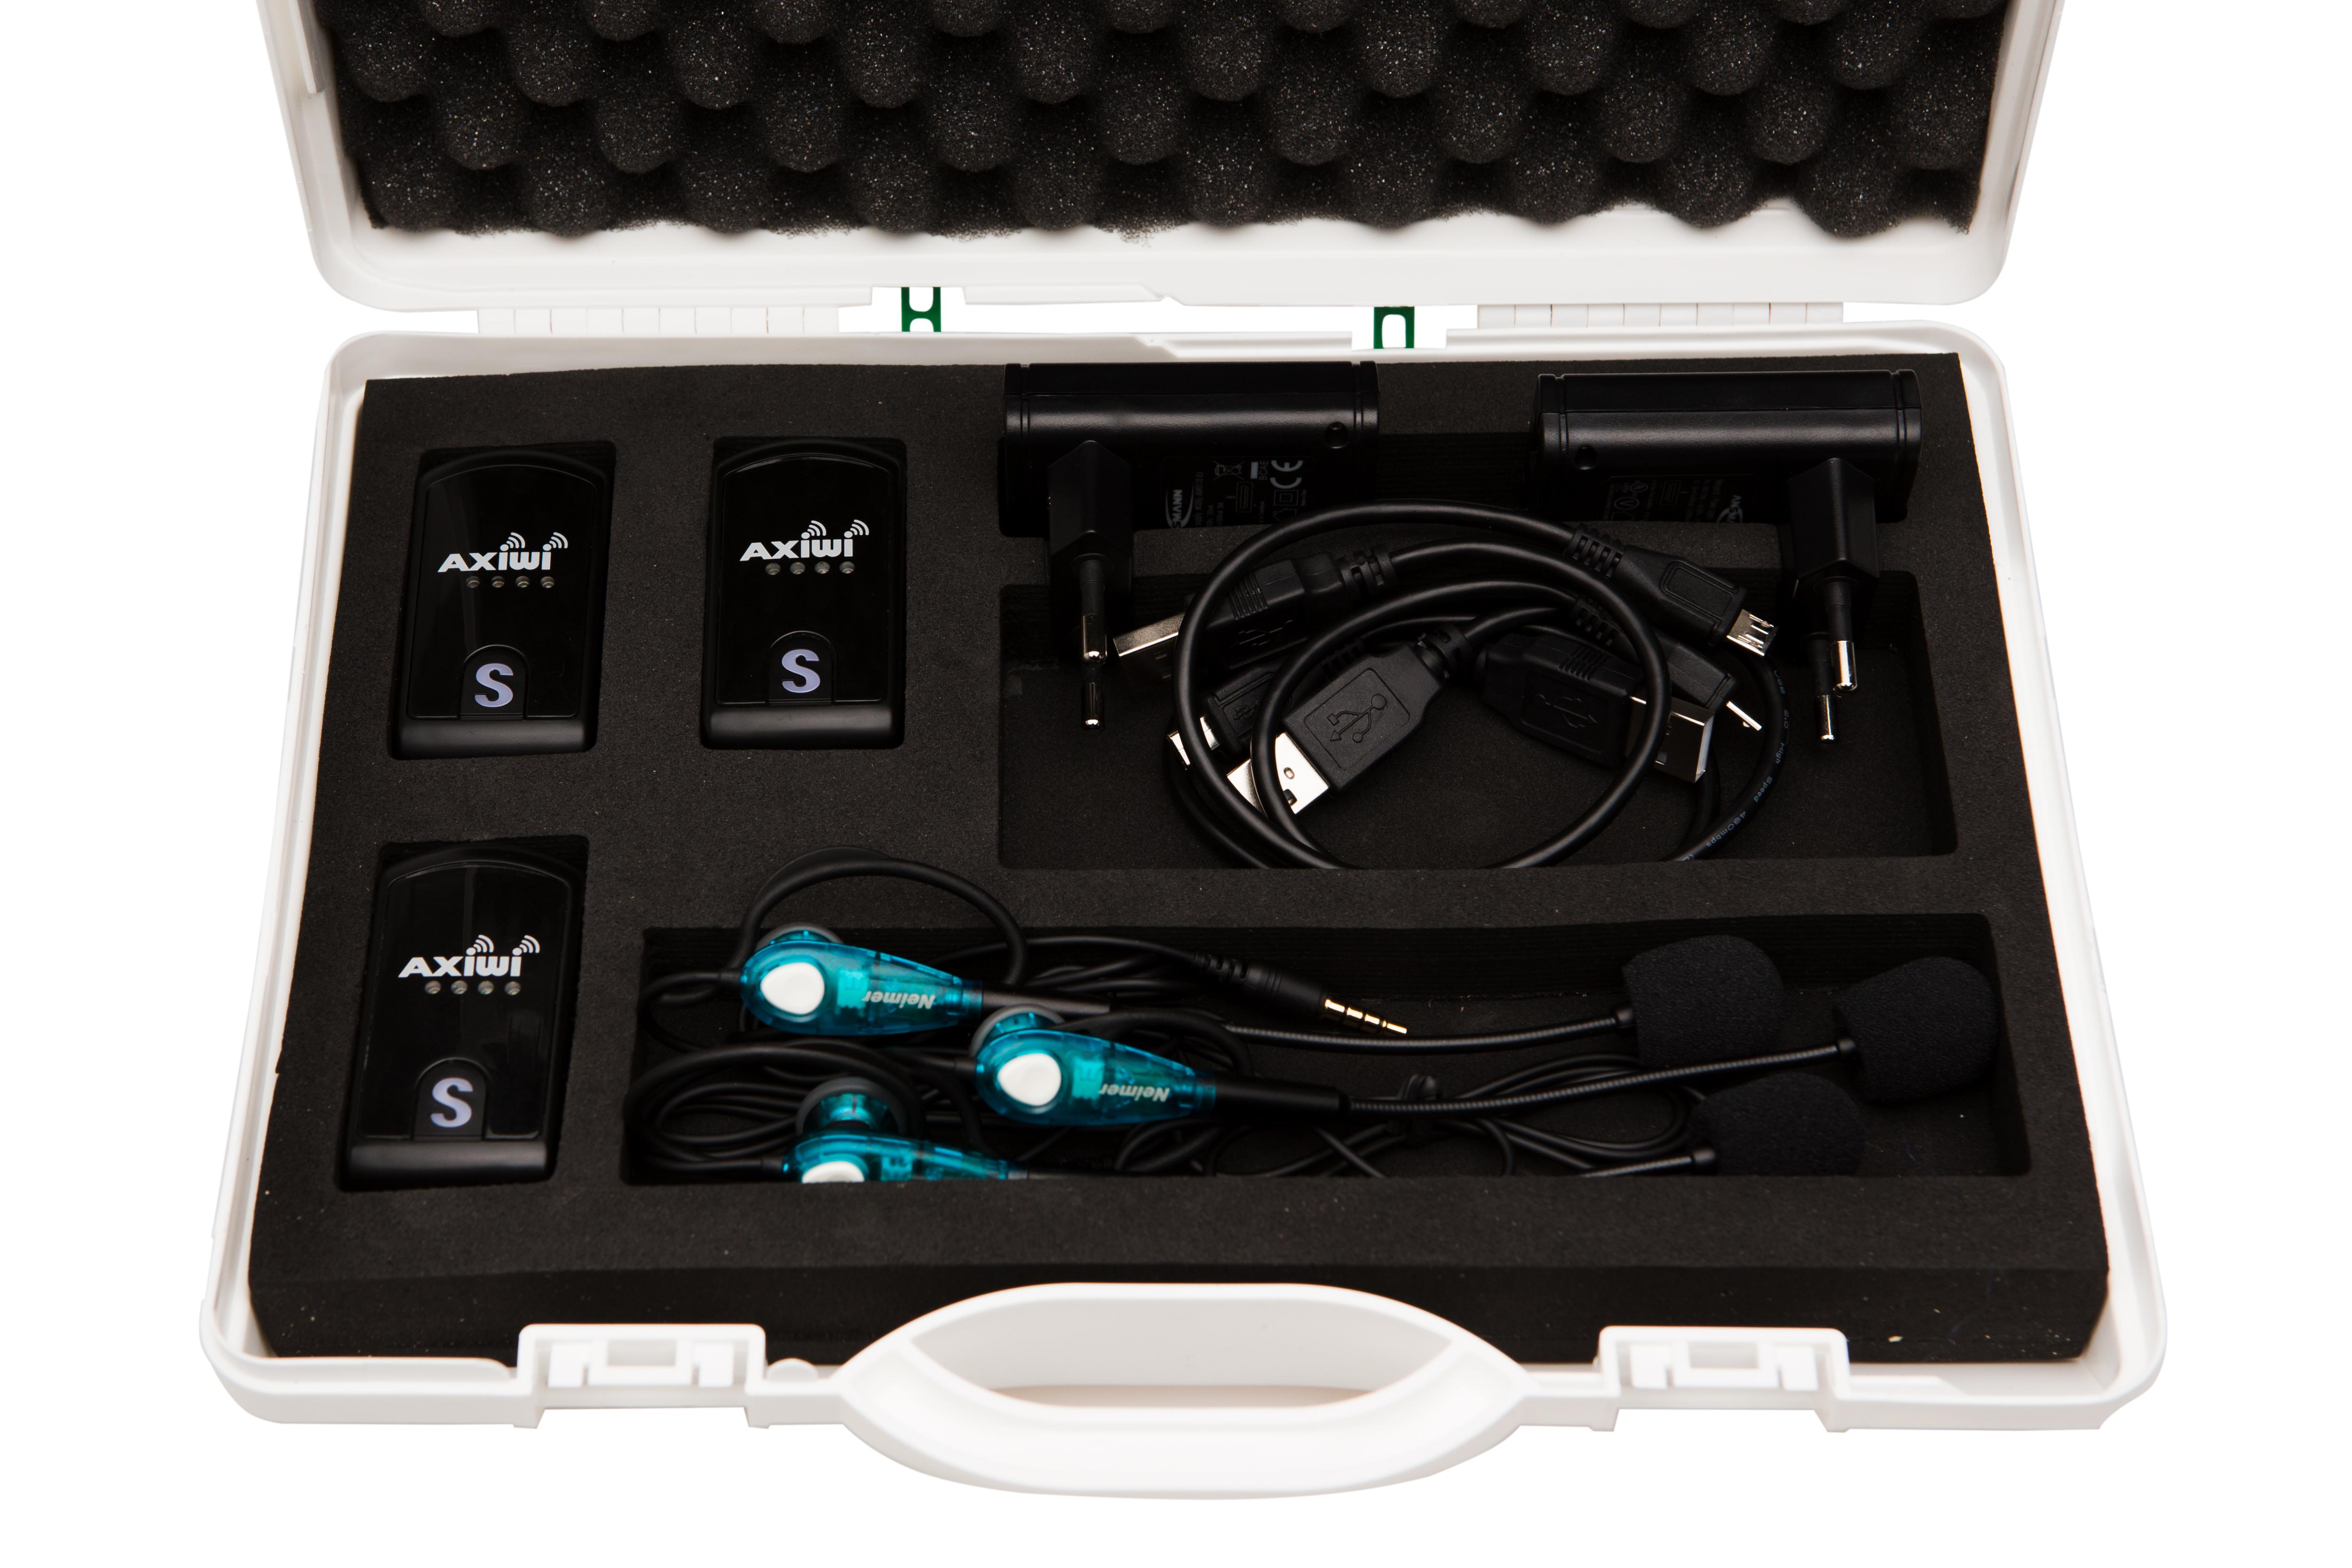 axiwi-ref-002 scheidsrechter-koffer-3-units-binnenkant